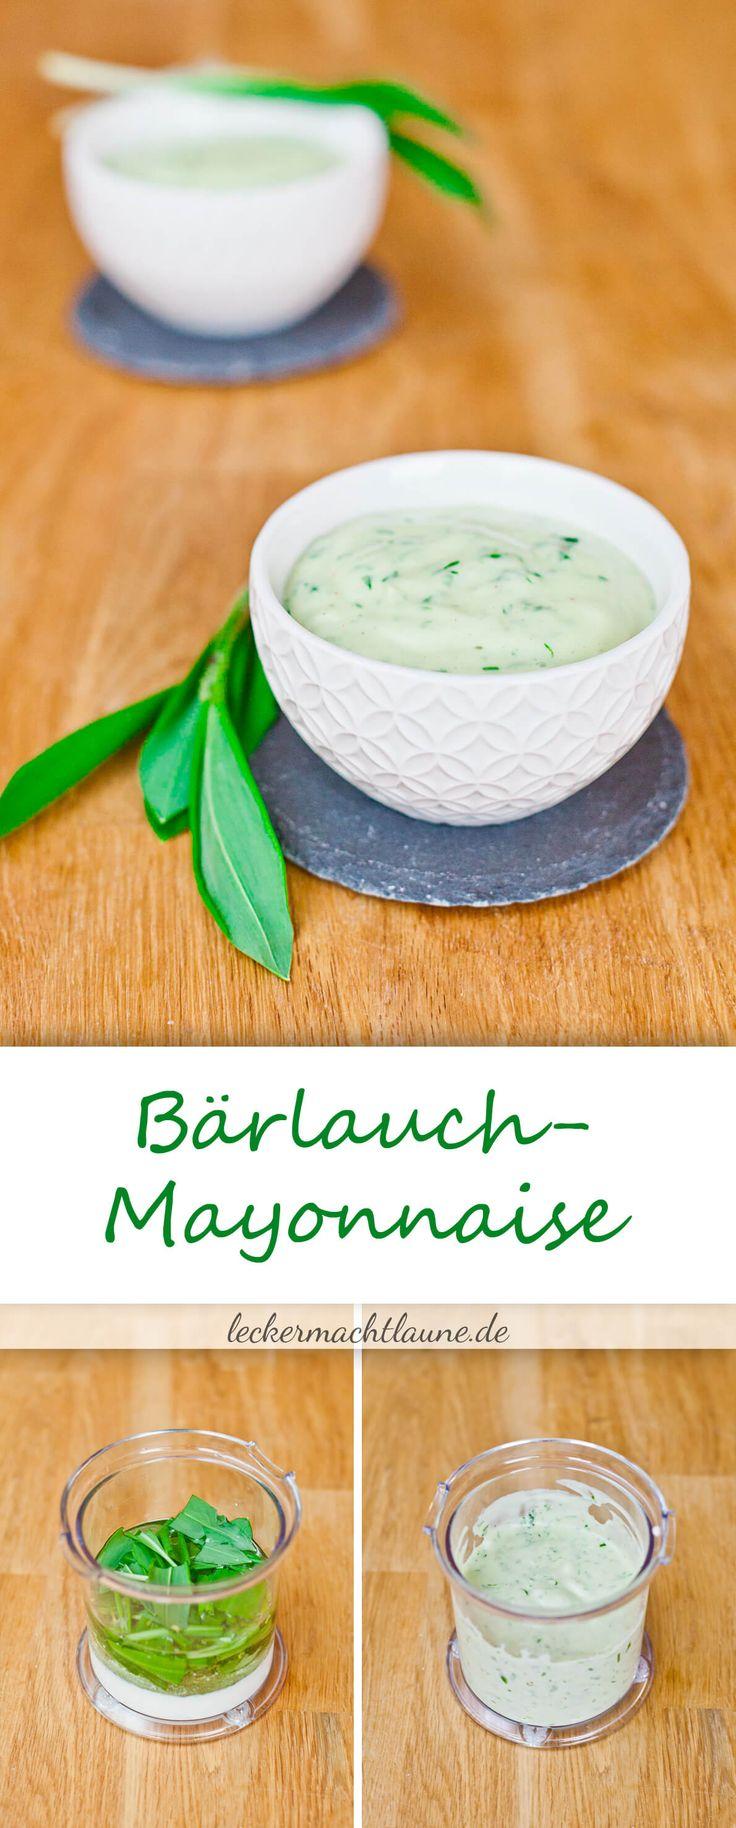 Bärlauch-Mayo {bärlauchsaison}